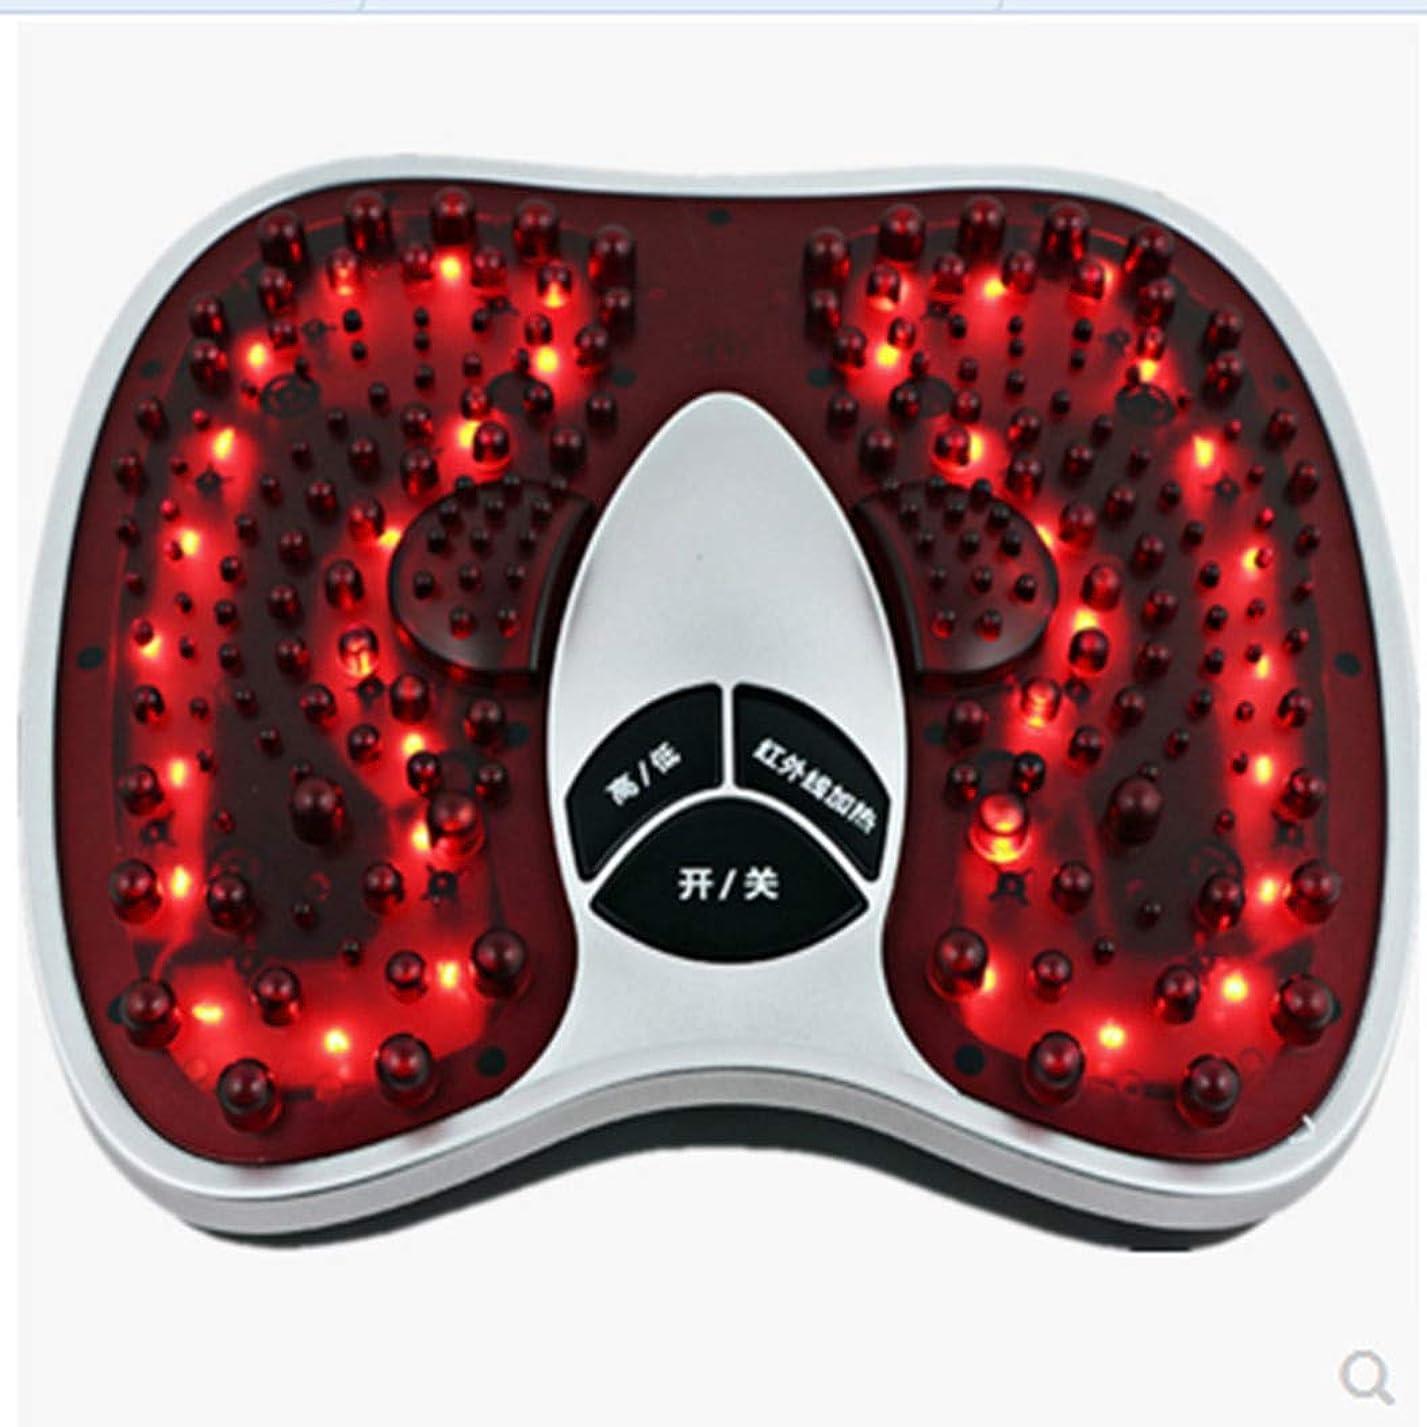 世辞残高松の木電気の 足マッサージ、熱の改善、循環の改善、202マッサージヘッドのf、硬い筋肉の柔らかさ、鎮痛トリートメント 人間工学的デザイン, red